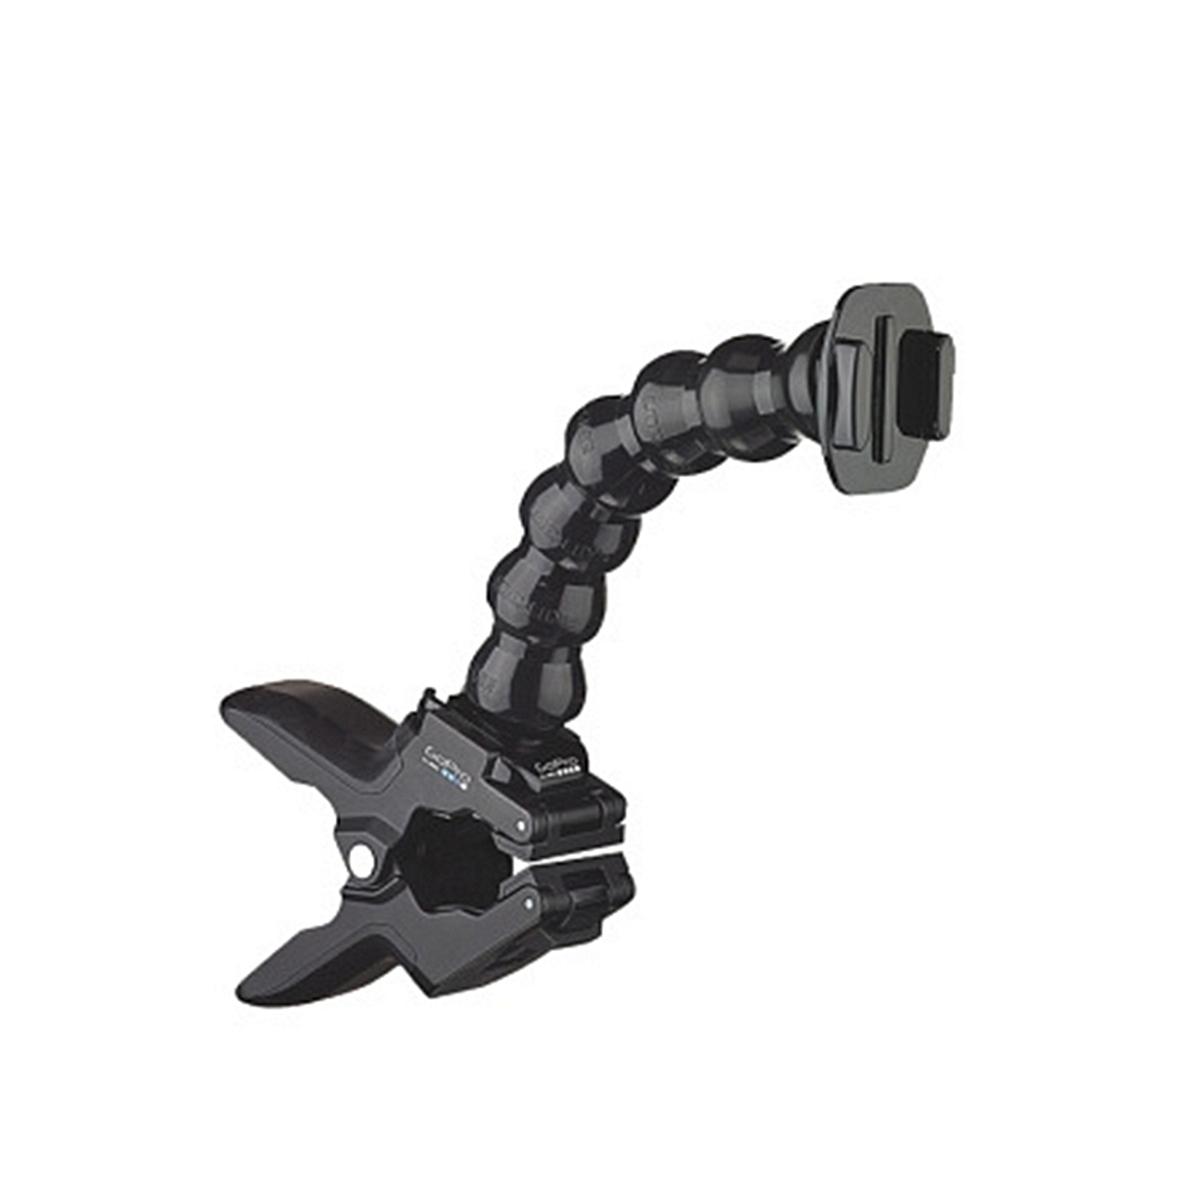 GOPRO ACMPM-001 可伸缩夹钳相机包 300g (单位:个)